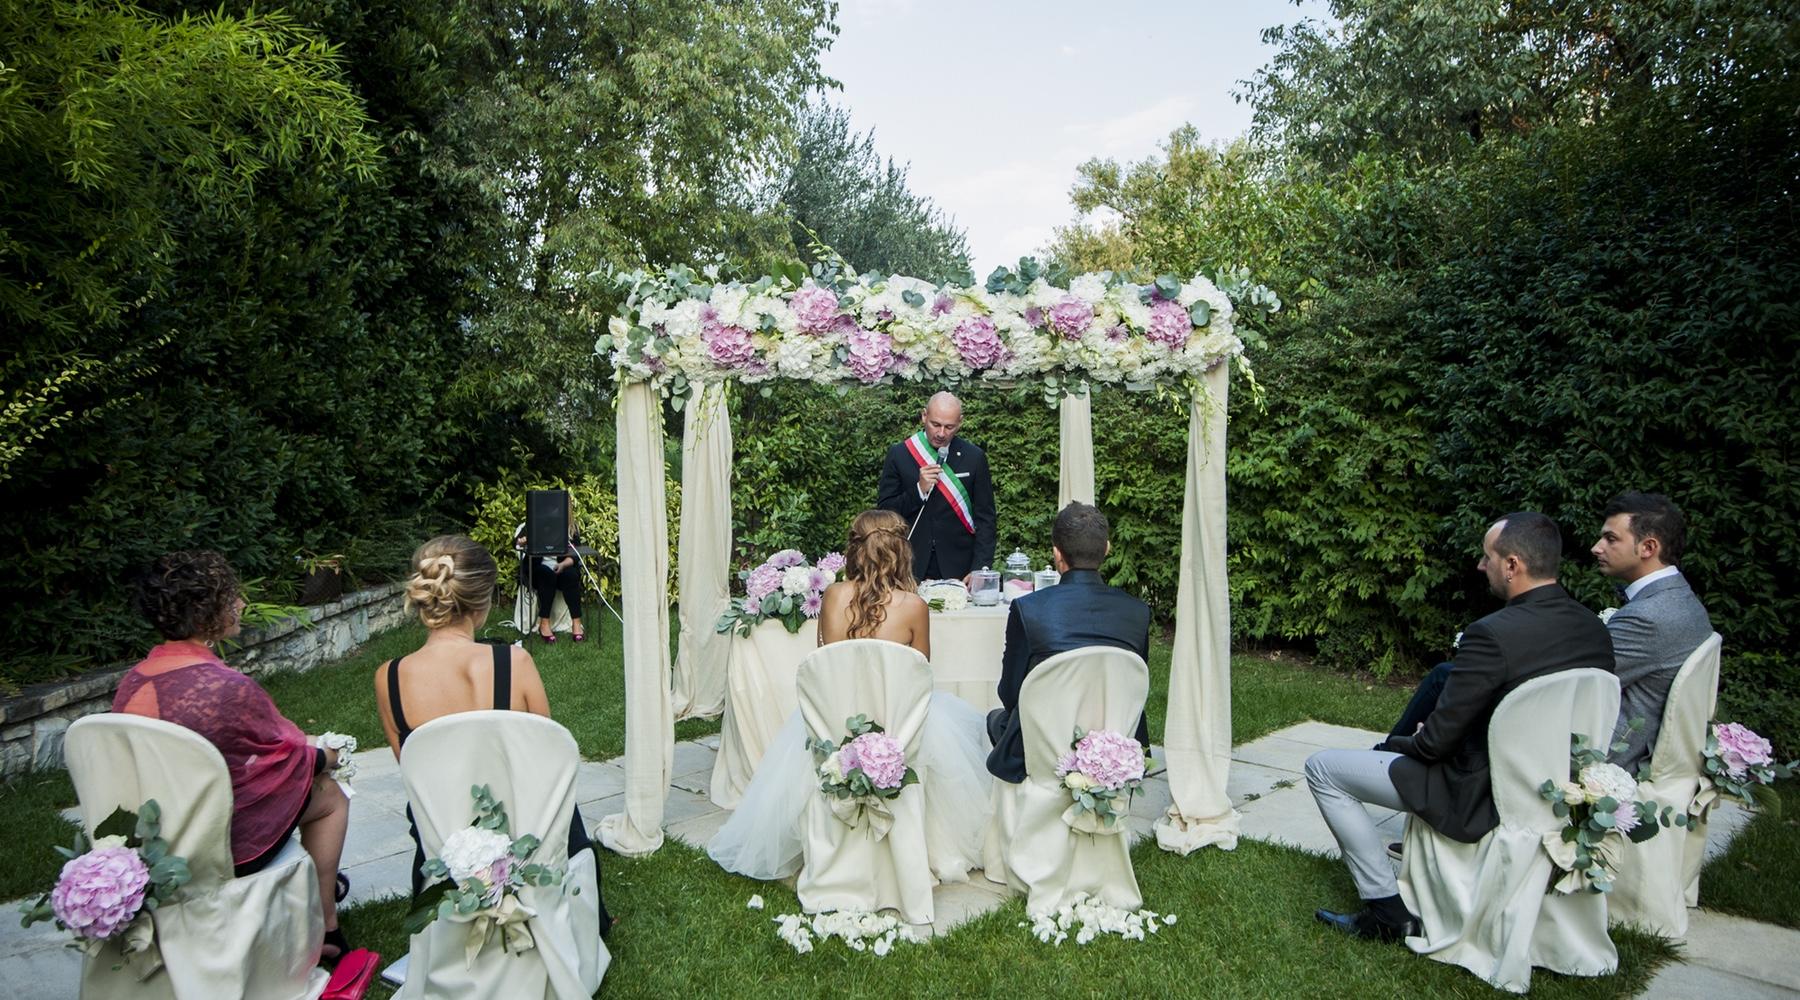 Auguri Matrimonio Rito Civile : Matrimonio con rito civile tutti i consigli per gestire